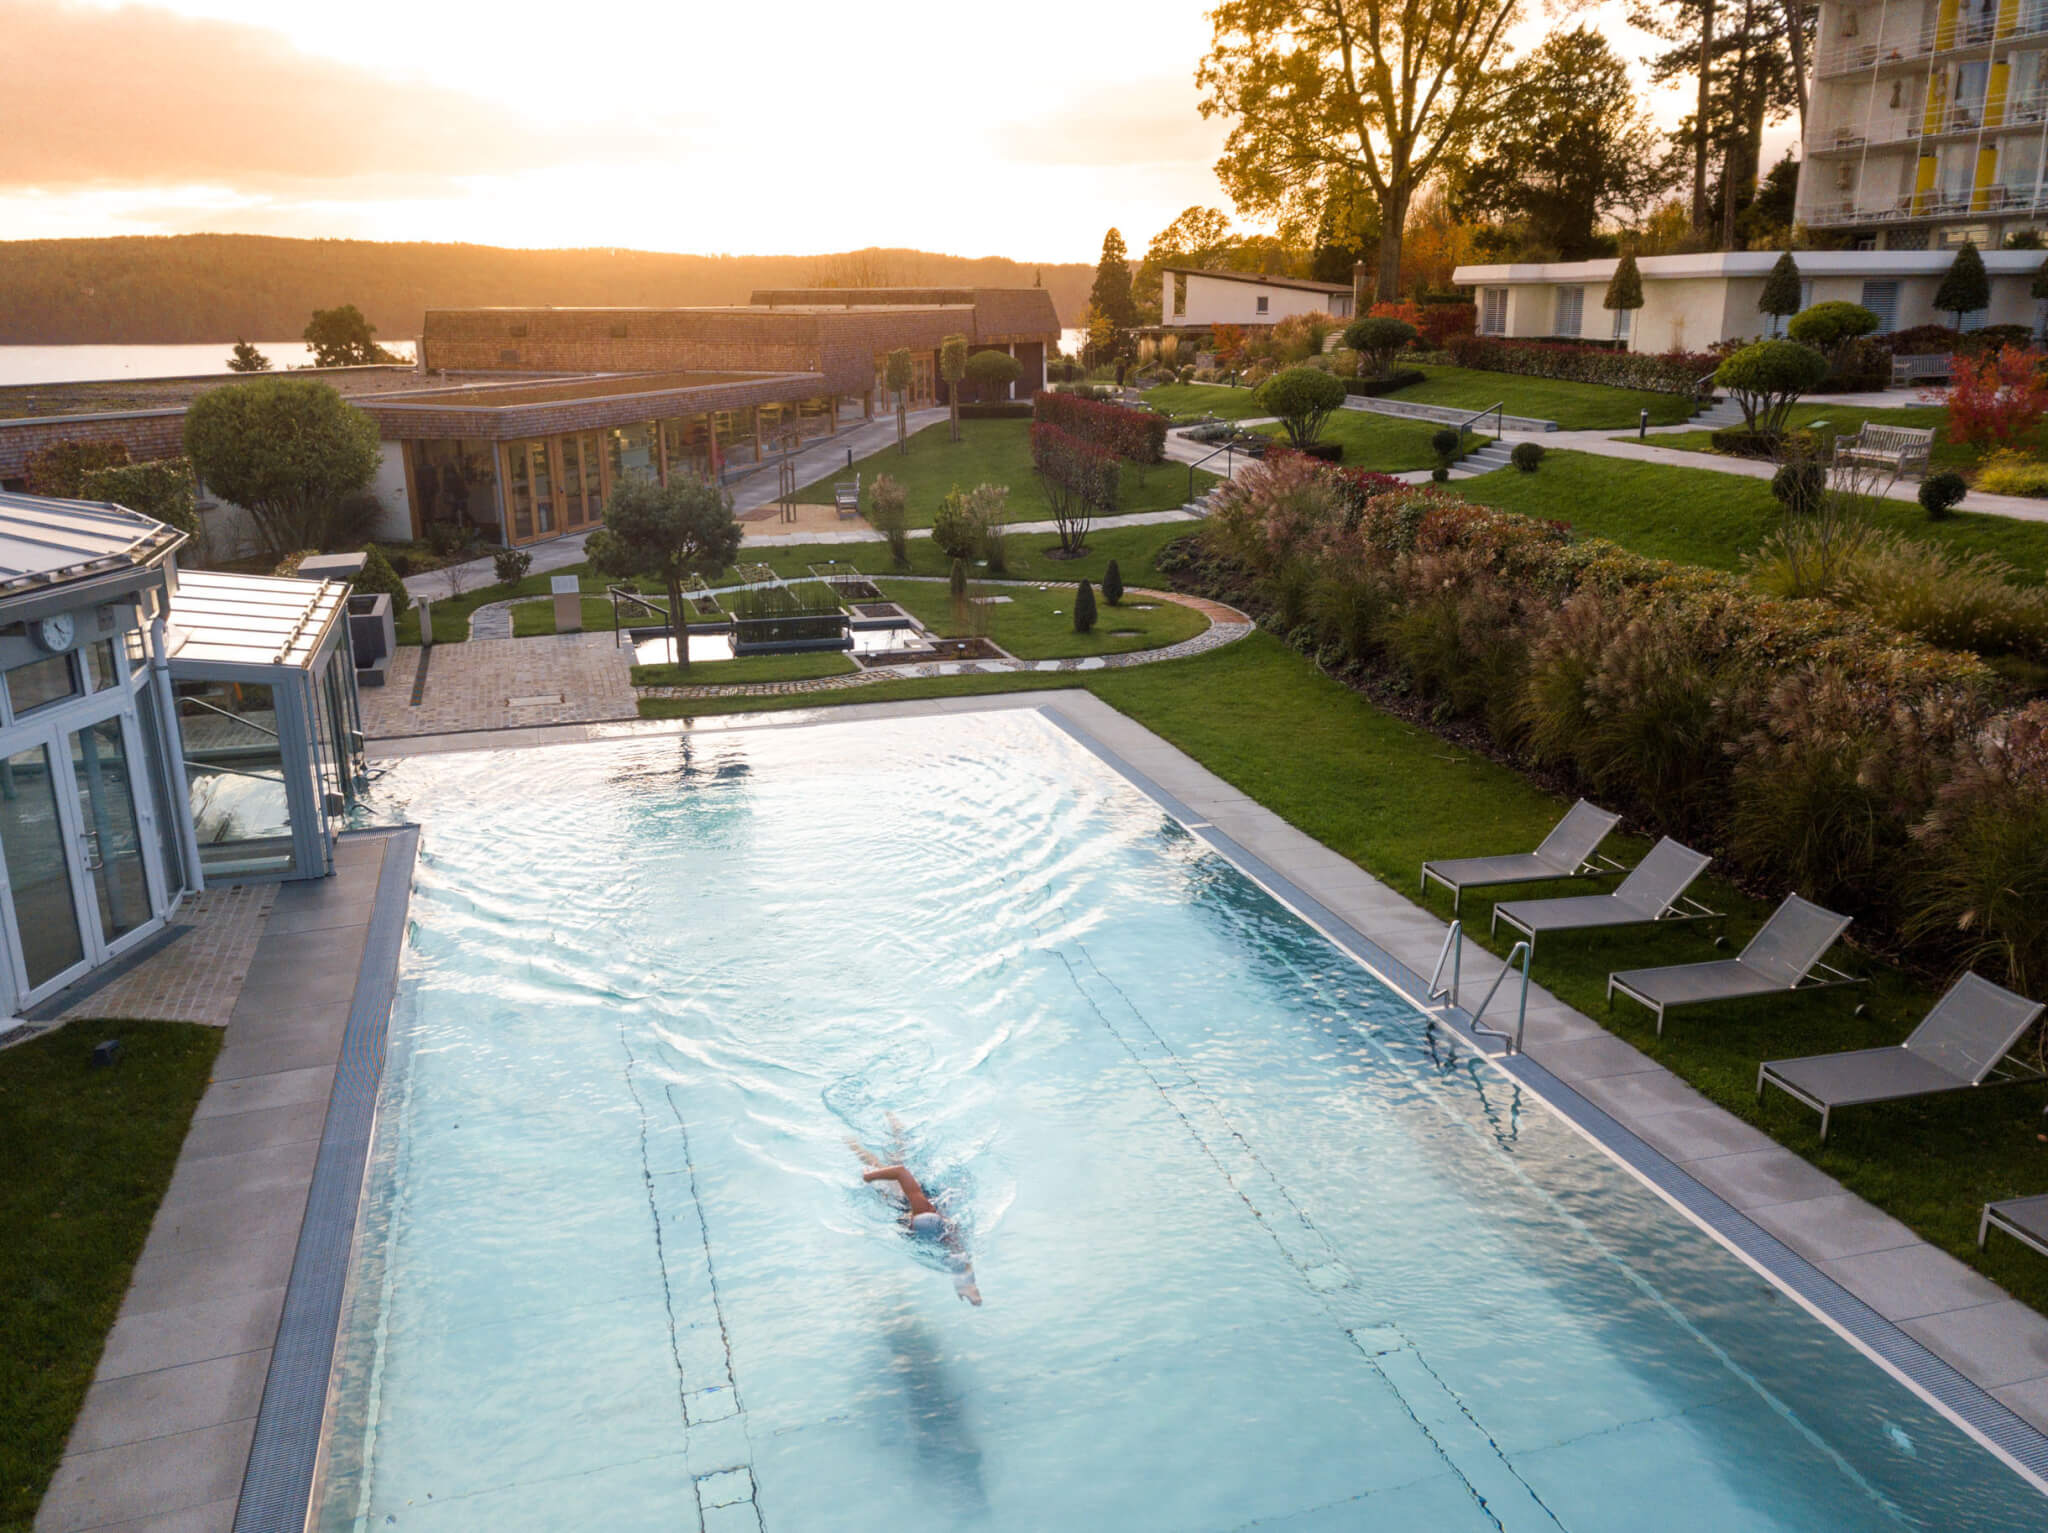 Buchinger Wilhelmi, Fasten, Heilfasten, Fasting, Health, Integrative Medicine, Sonnenuntergang, Pool, Schwimmen, Gelände